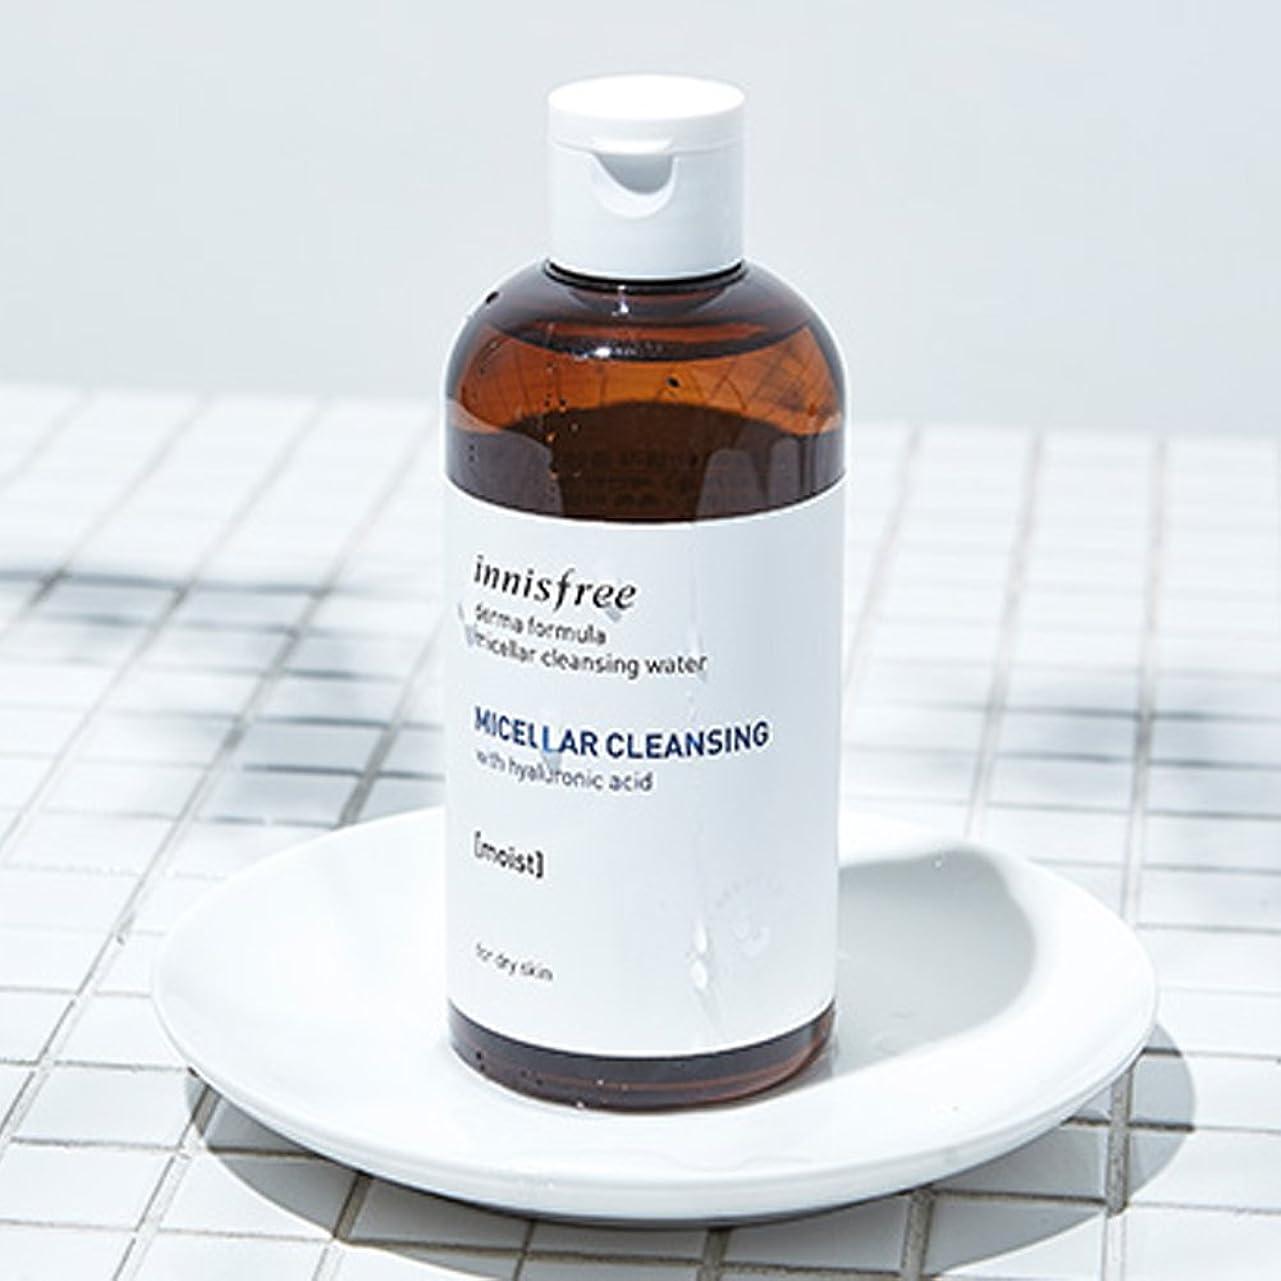 感覚優れました眠るイニスフリータンジェリンビタCスキン(トナー)200ml Innisfree Tangerine Vita C Skin(Toner) 200ml [海外直送品][並行輸入品]